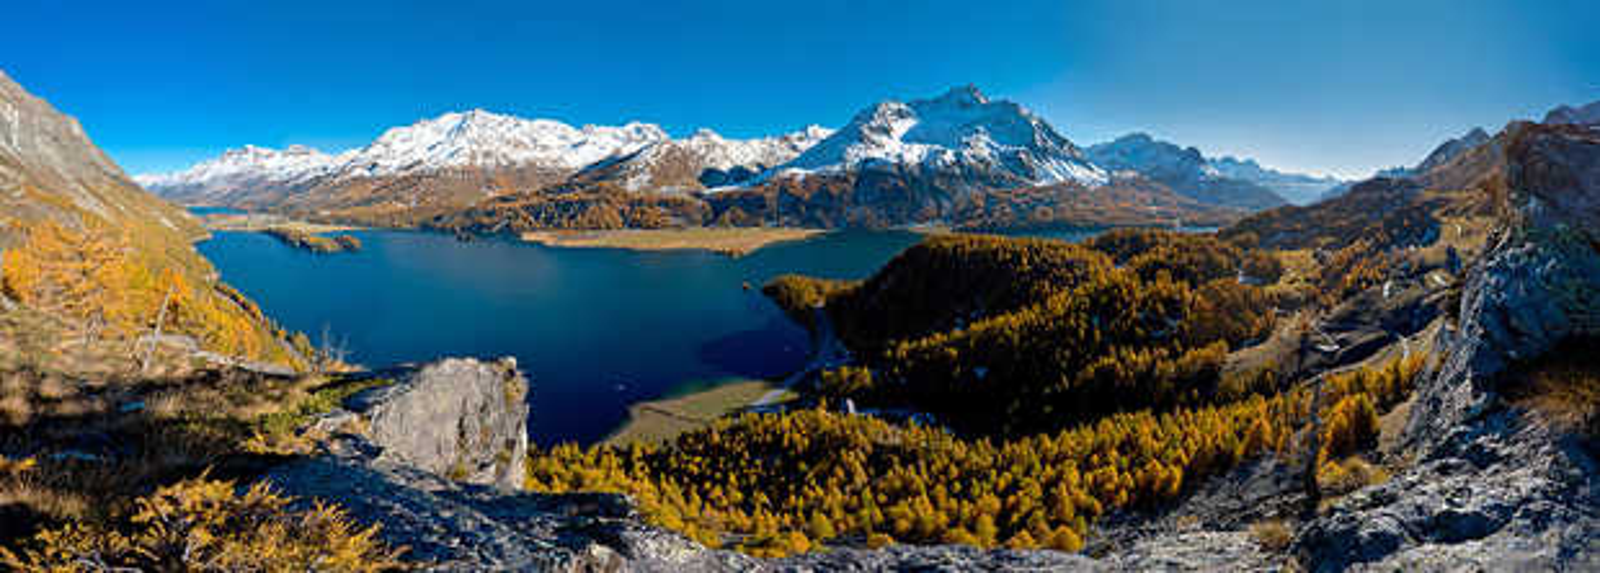 Oberengadiner Seenplatte - Claudio Gotsch